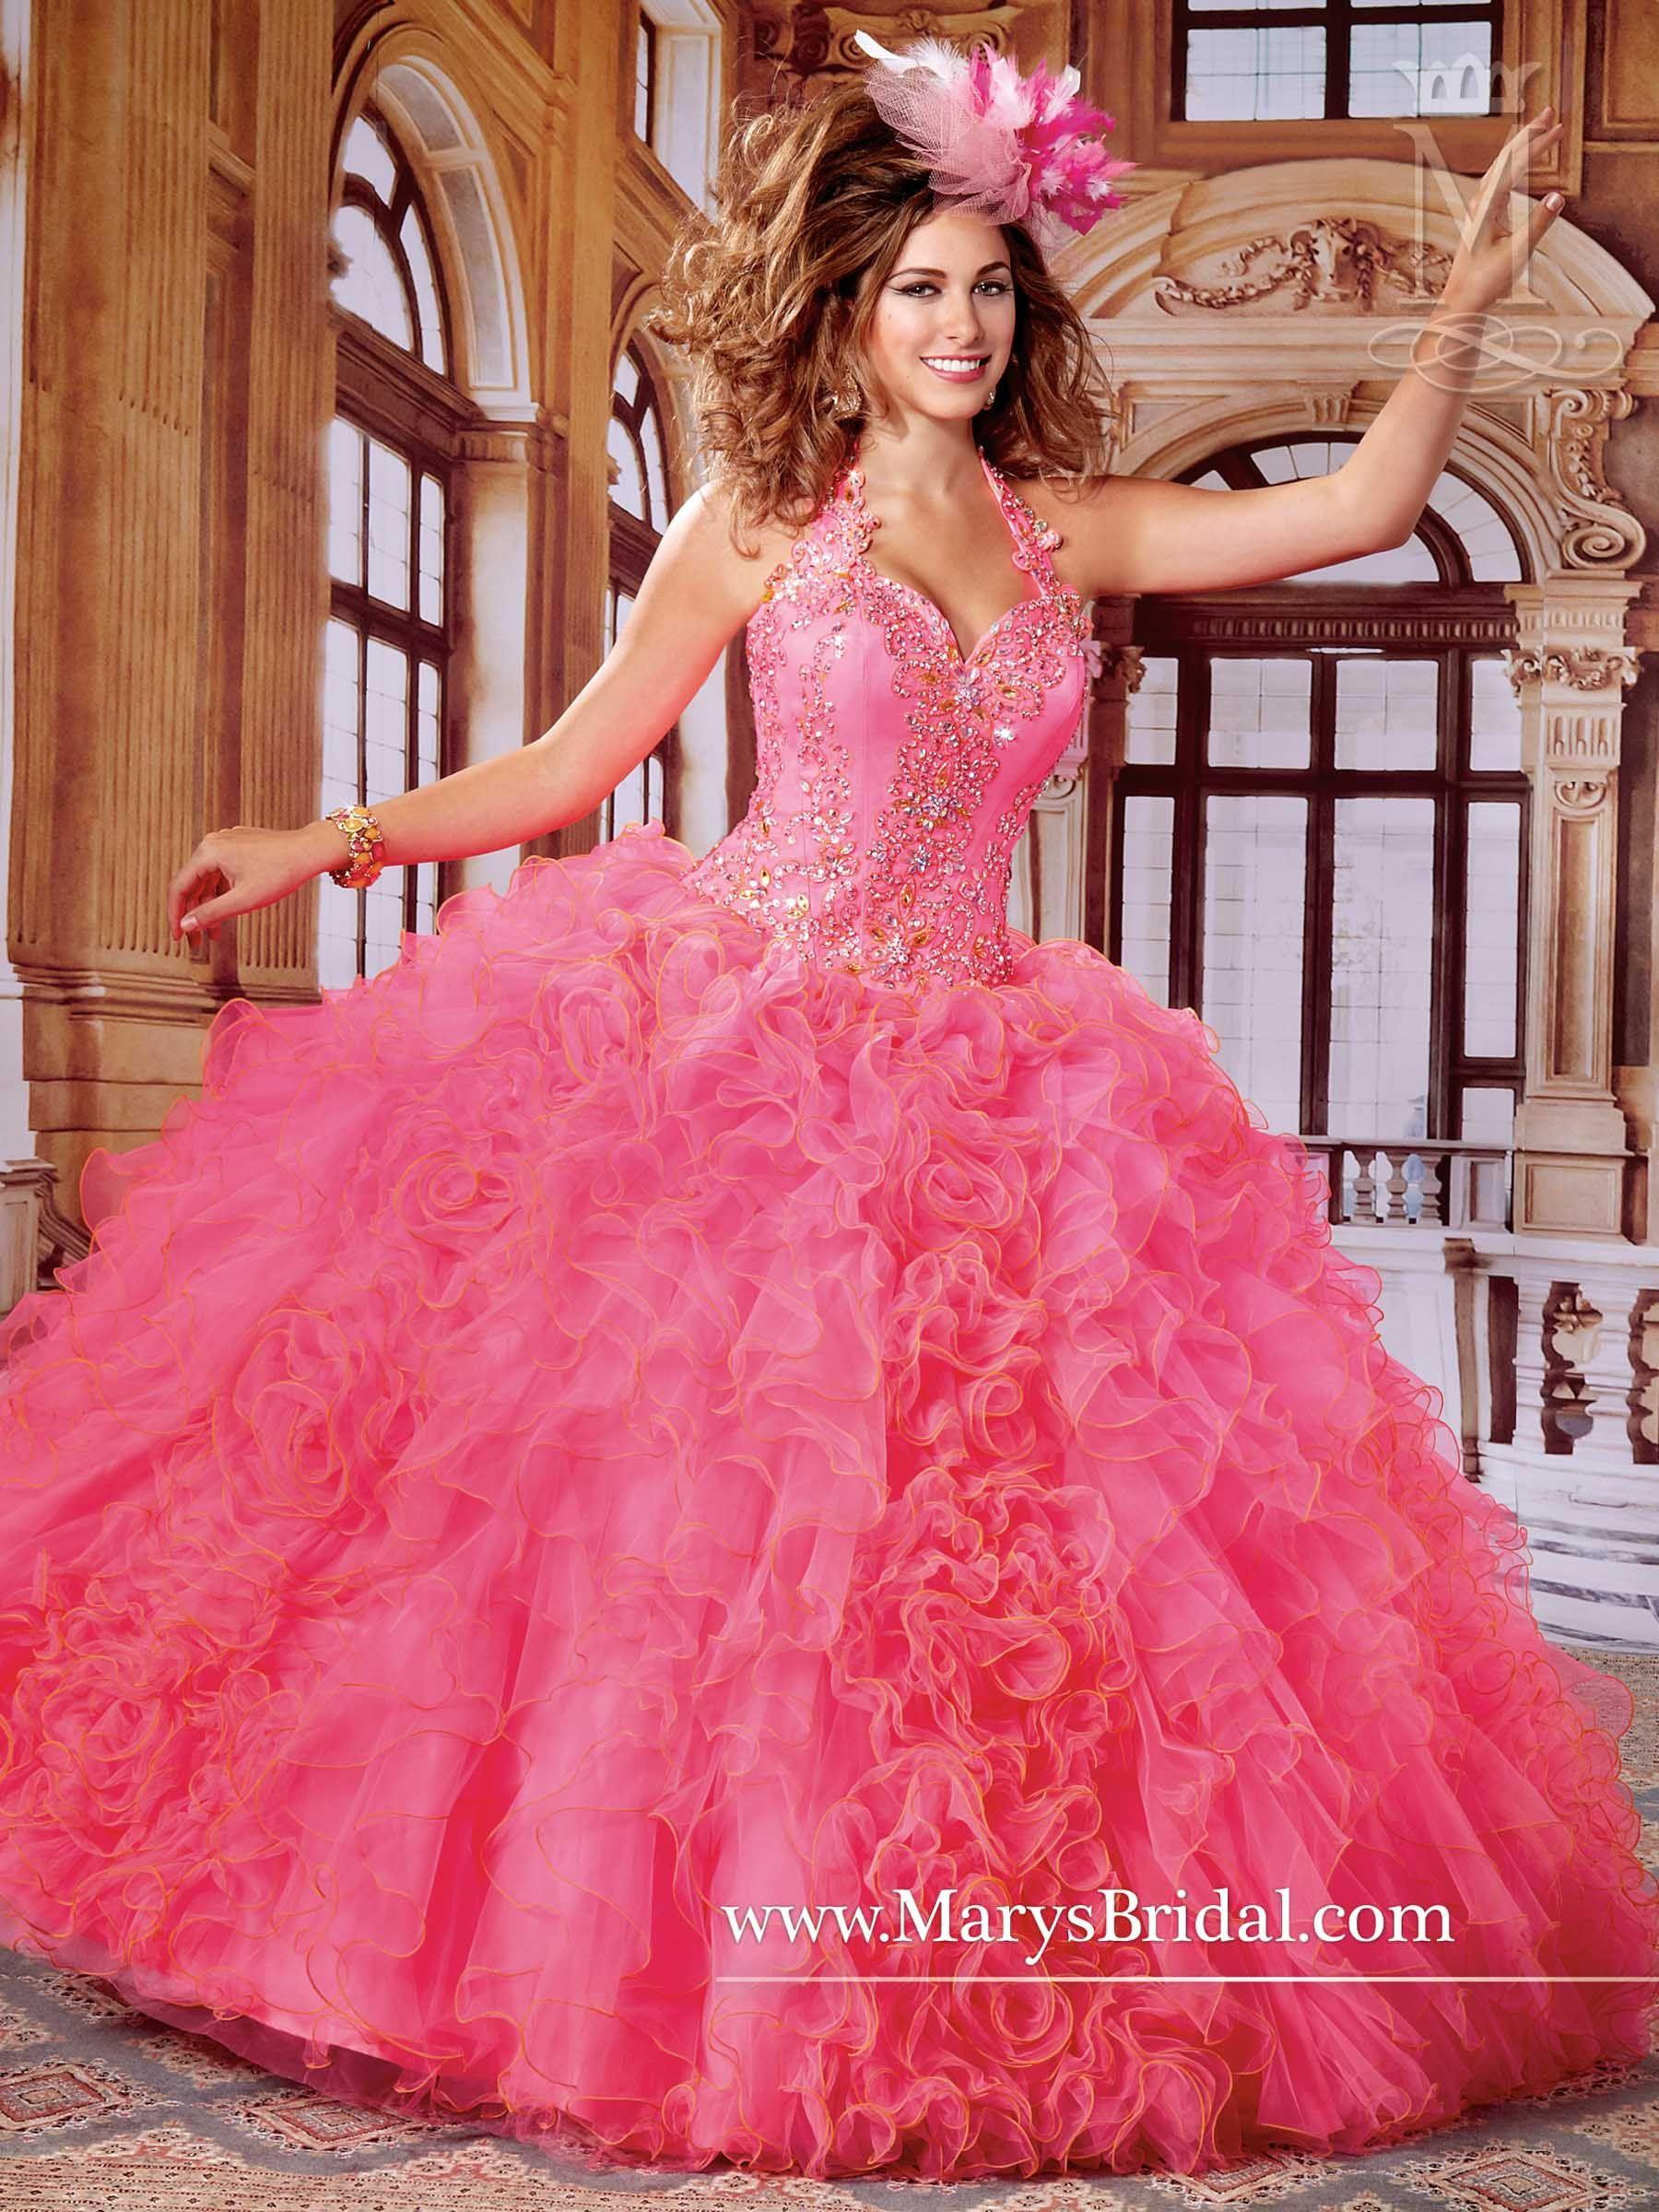 Pin de Angela en quinceañeras. | Pinterest | Quinceañera, Vestidos ...